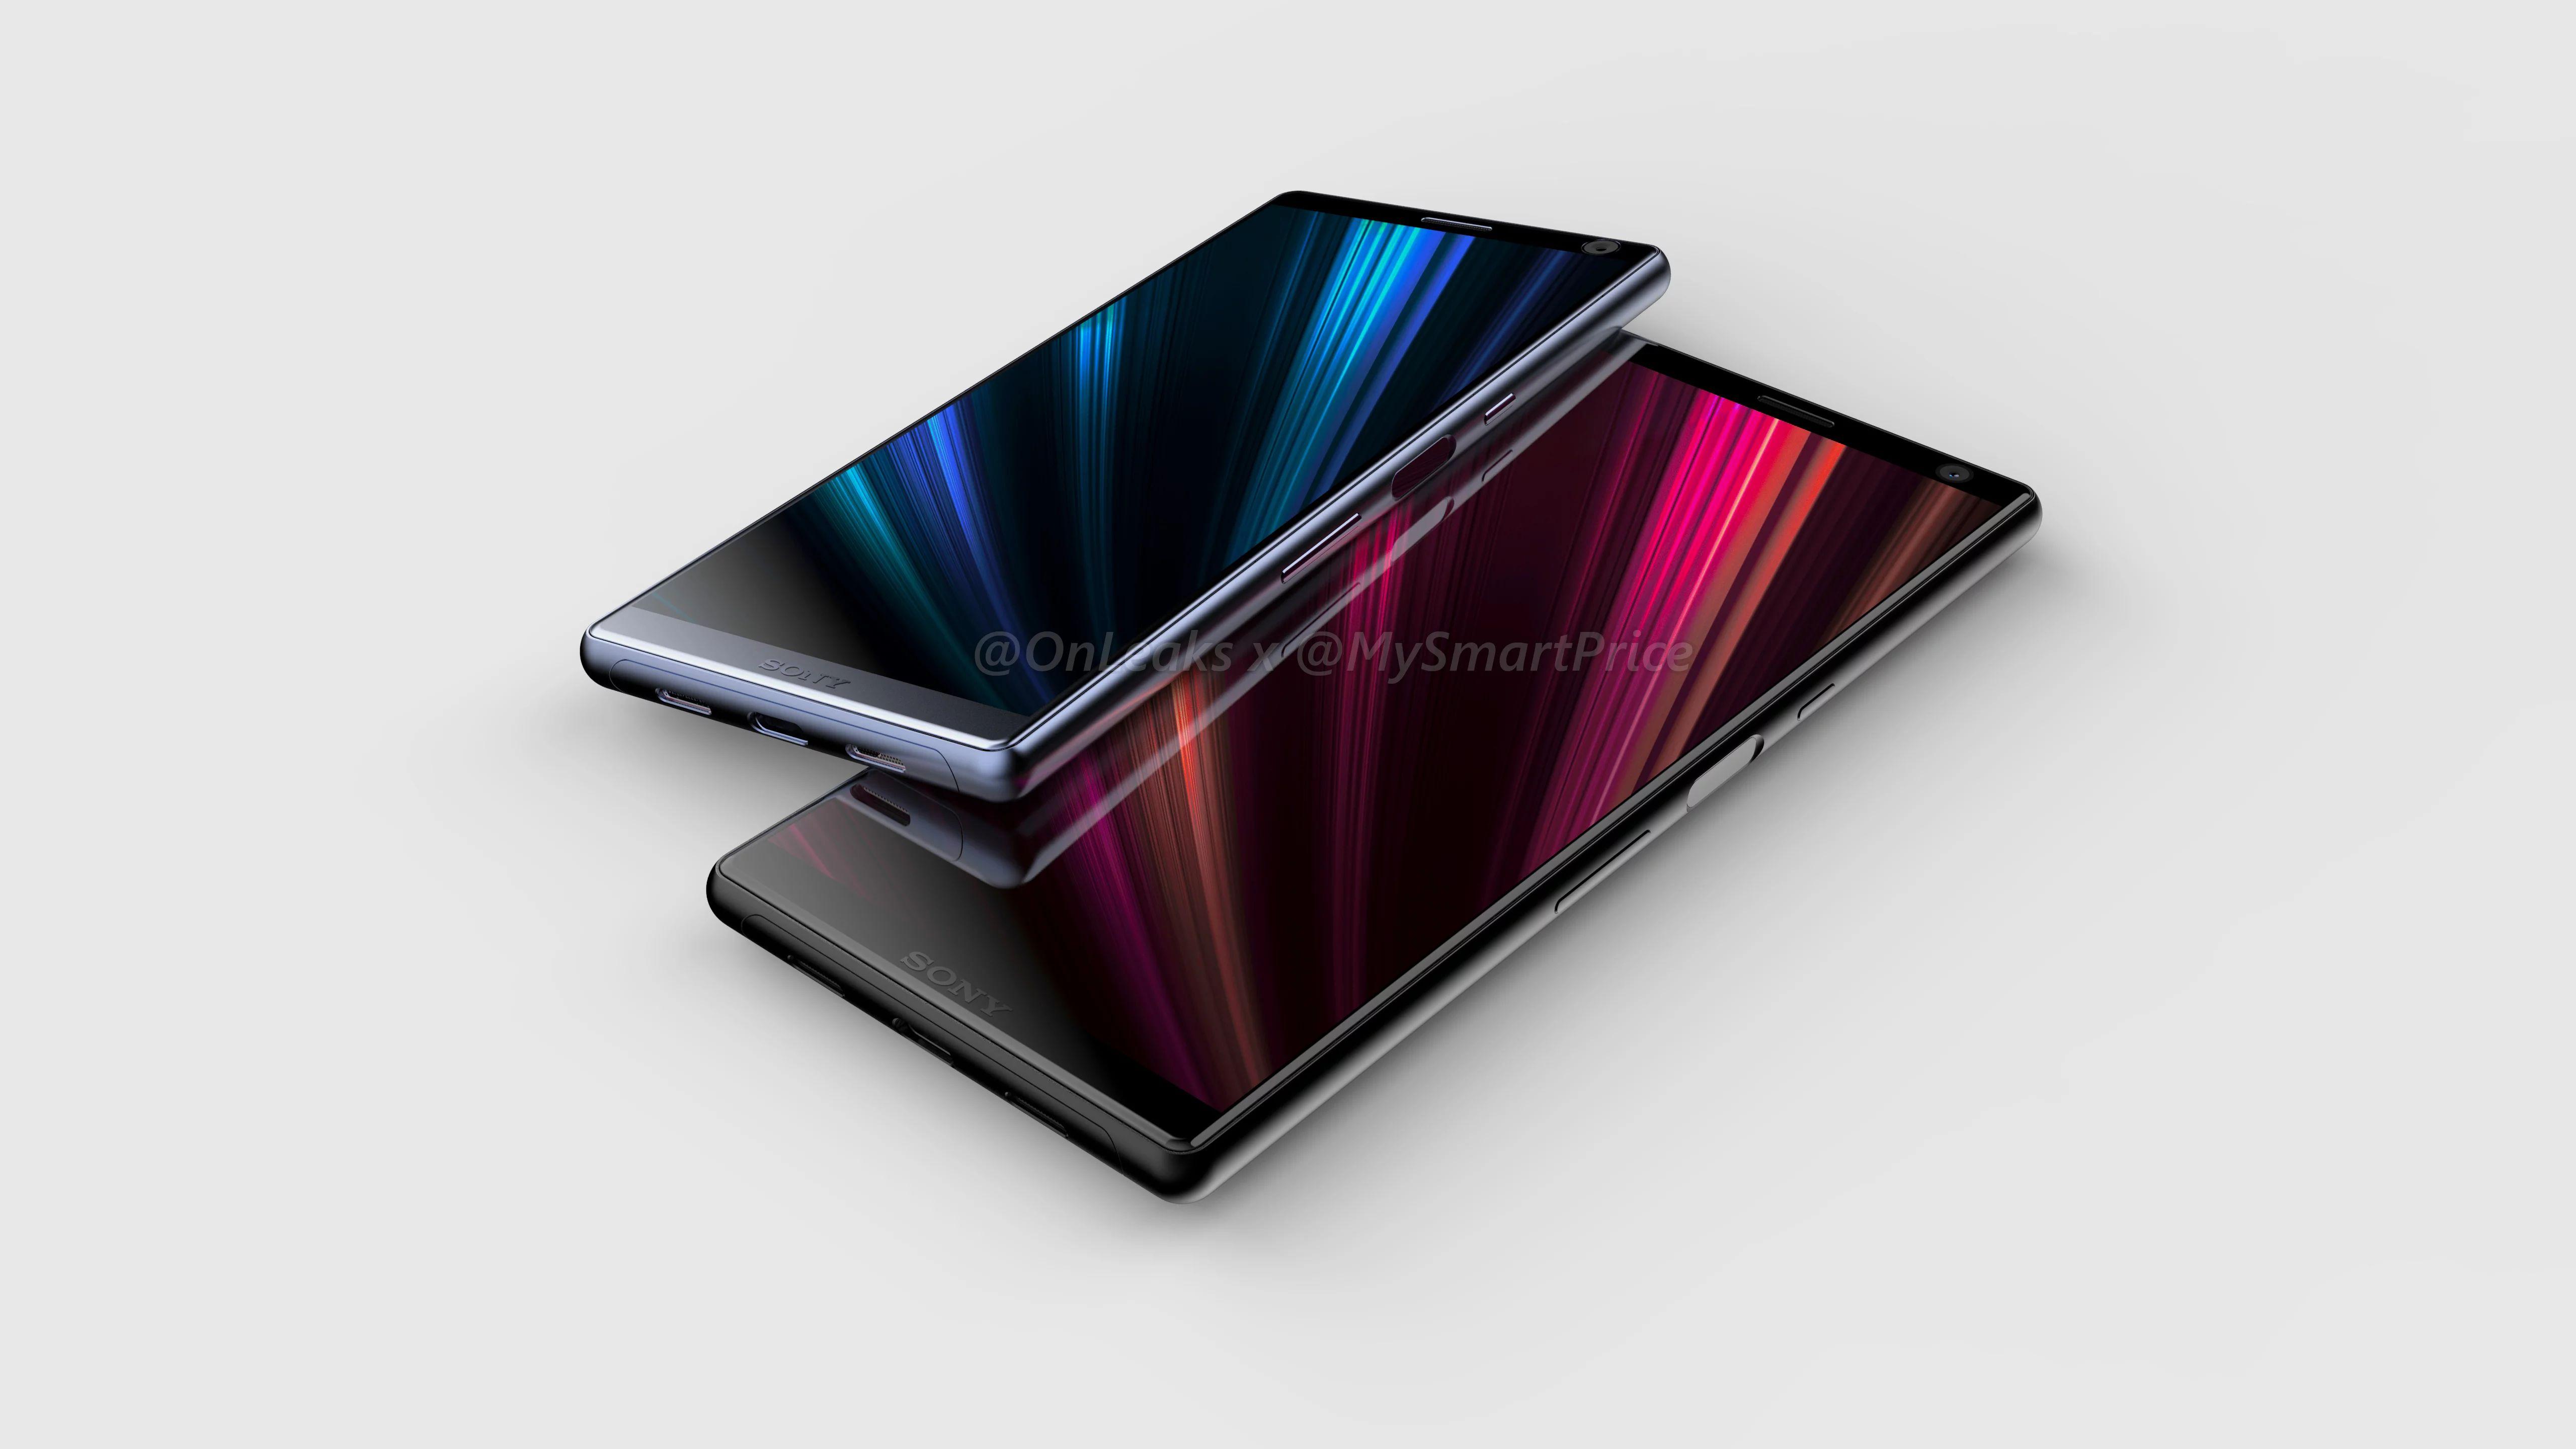 """Jaki ekran powinna mieć Sony Xperia XA3 Ultra, żeby zasłużyć na dopisek """"Ultra""""? Bo raczej nie 6,5 cala"""